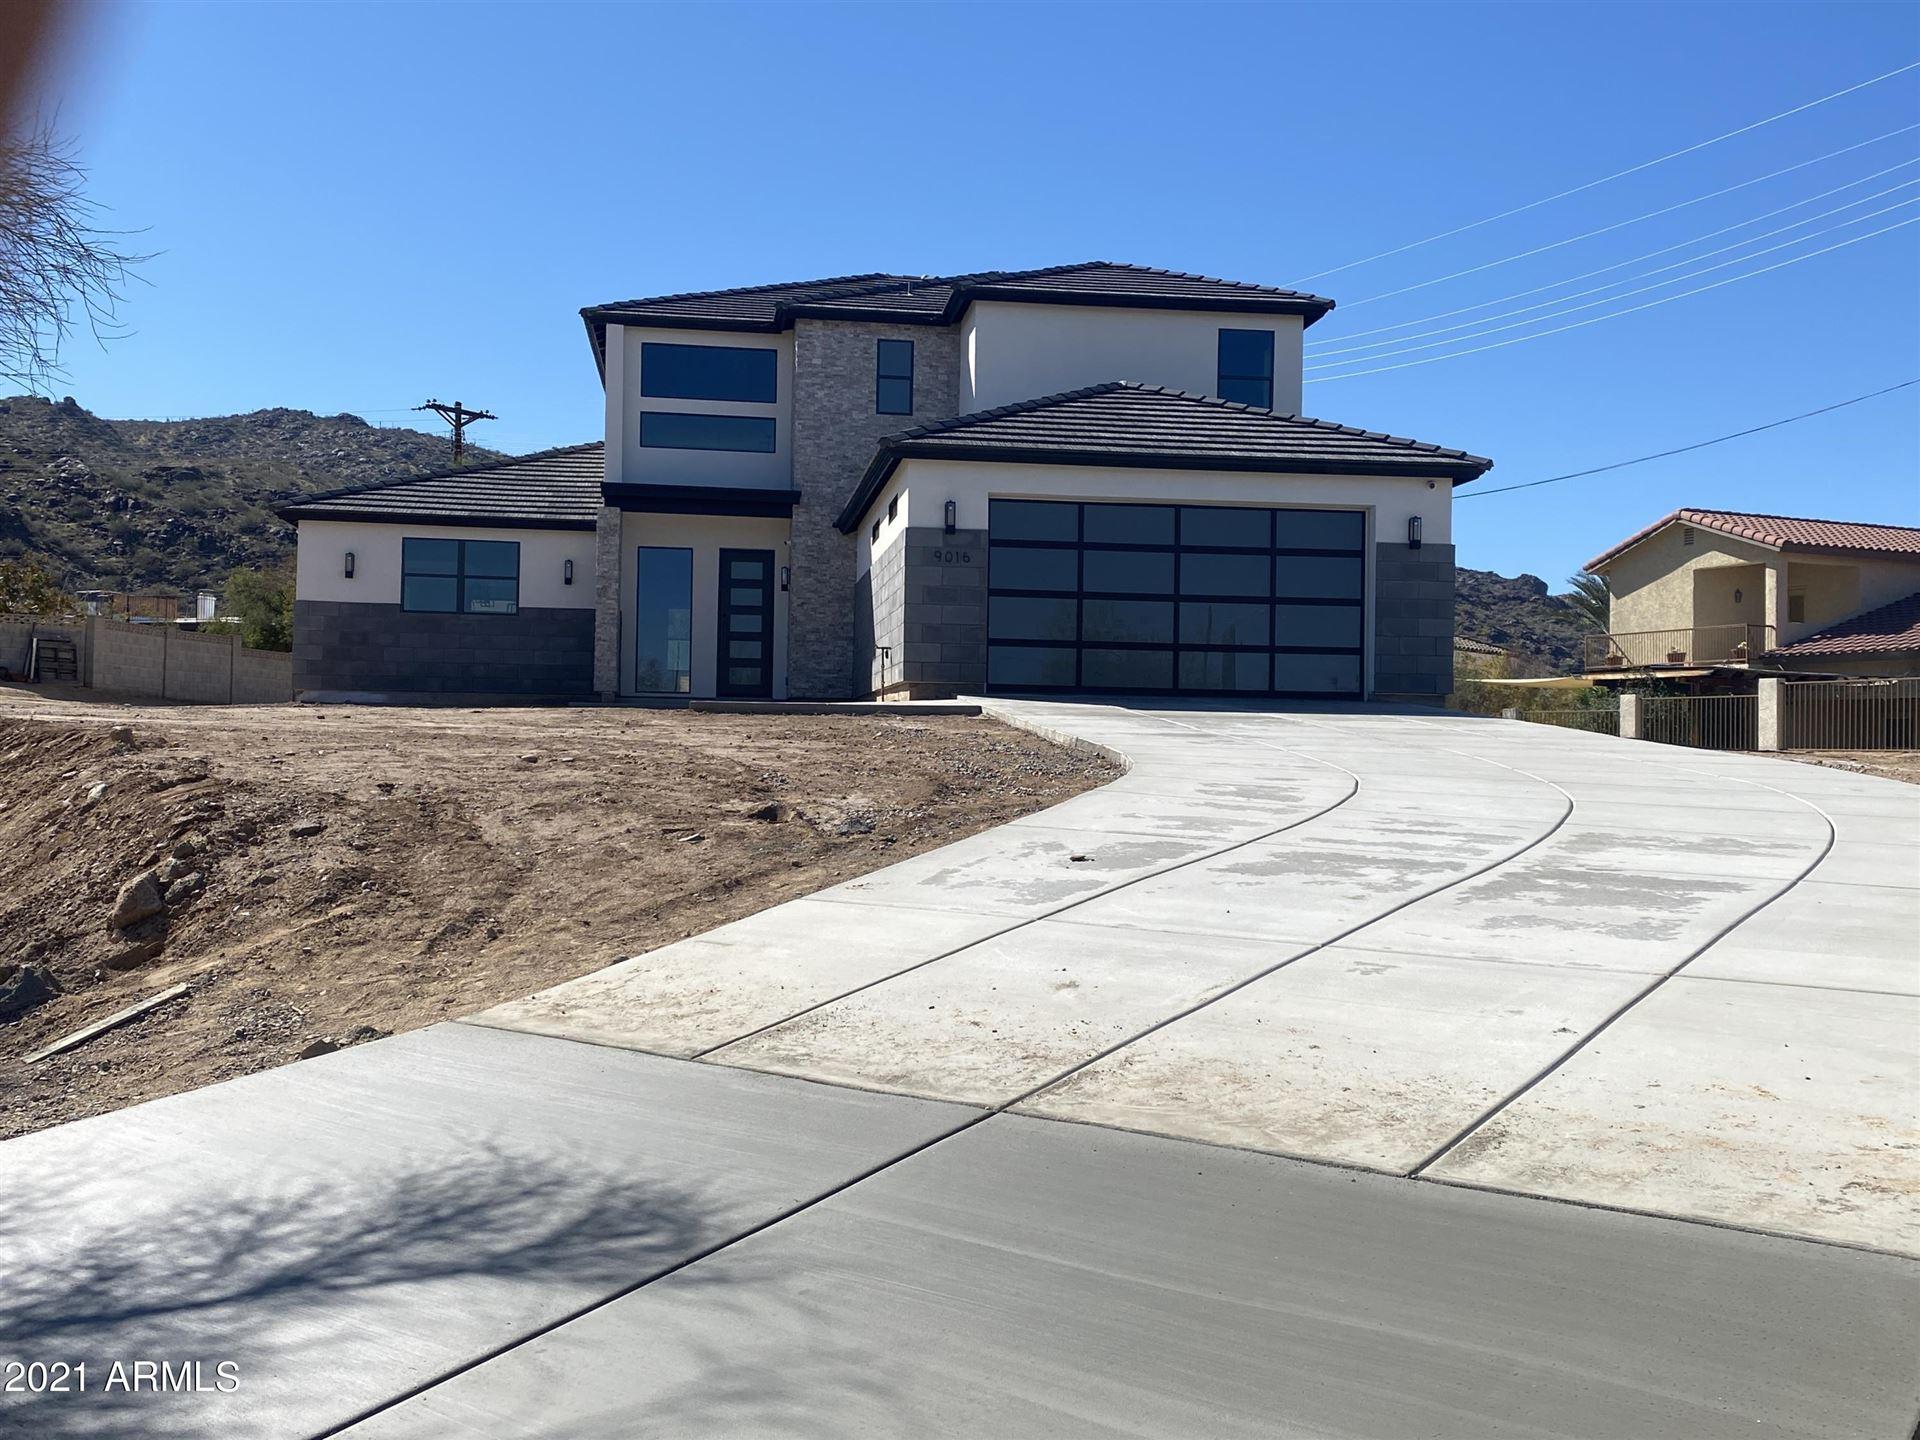 9016 S 16TH Way, Phoenix, AZ 85042 - MLS#: 6196949